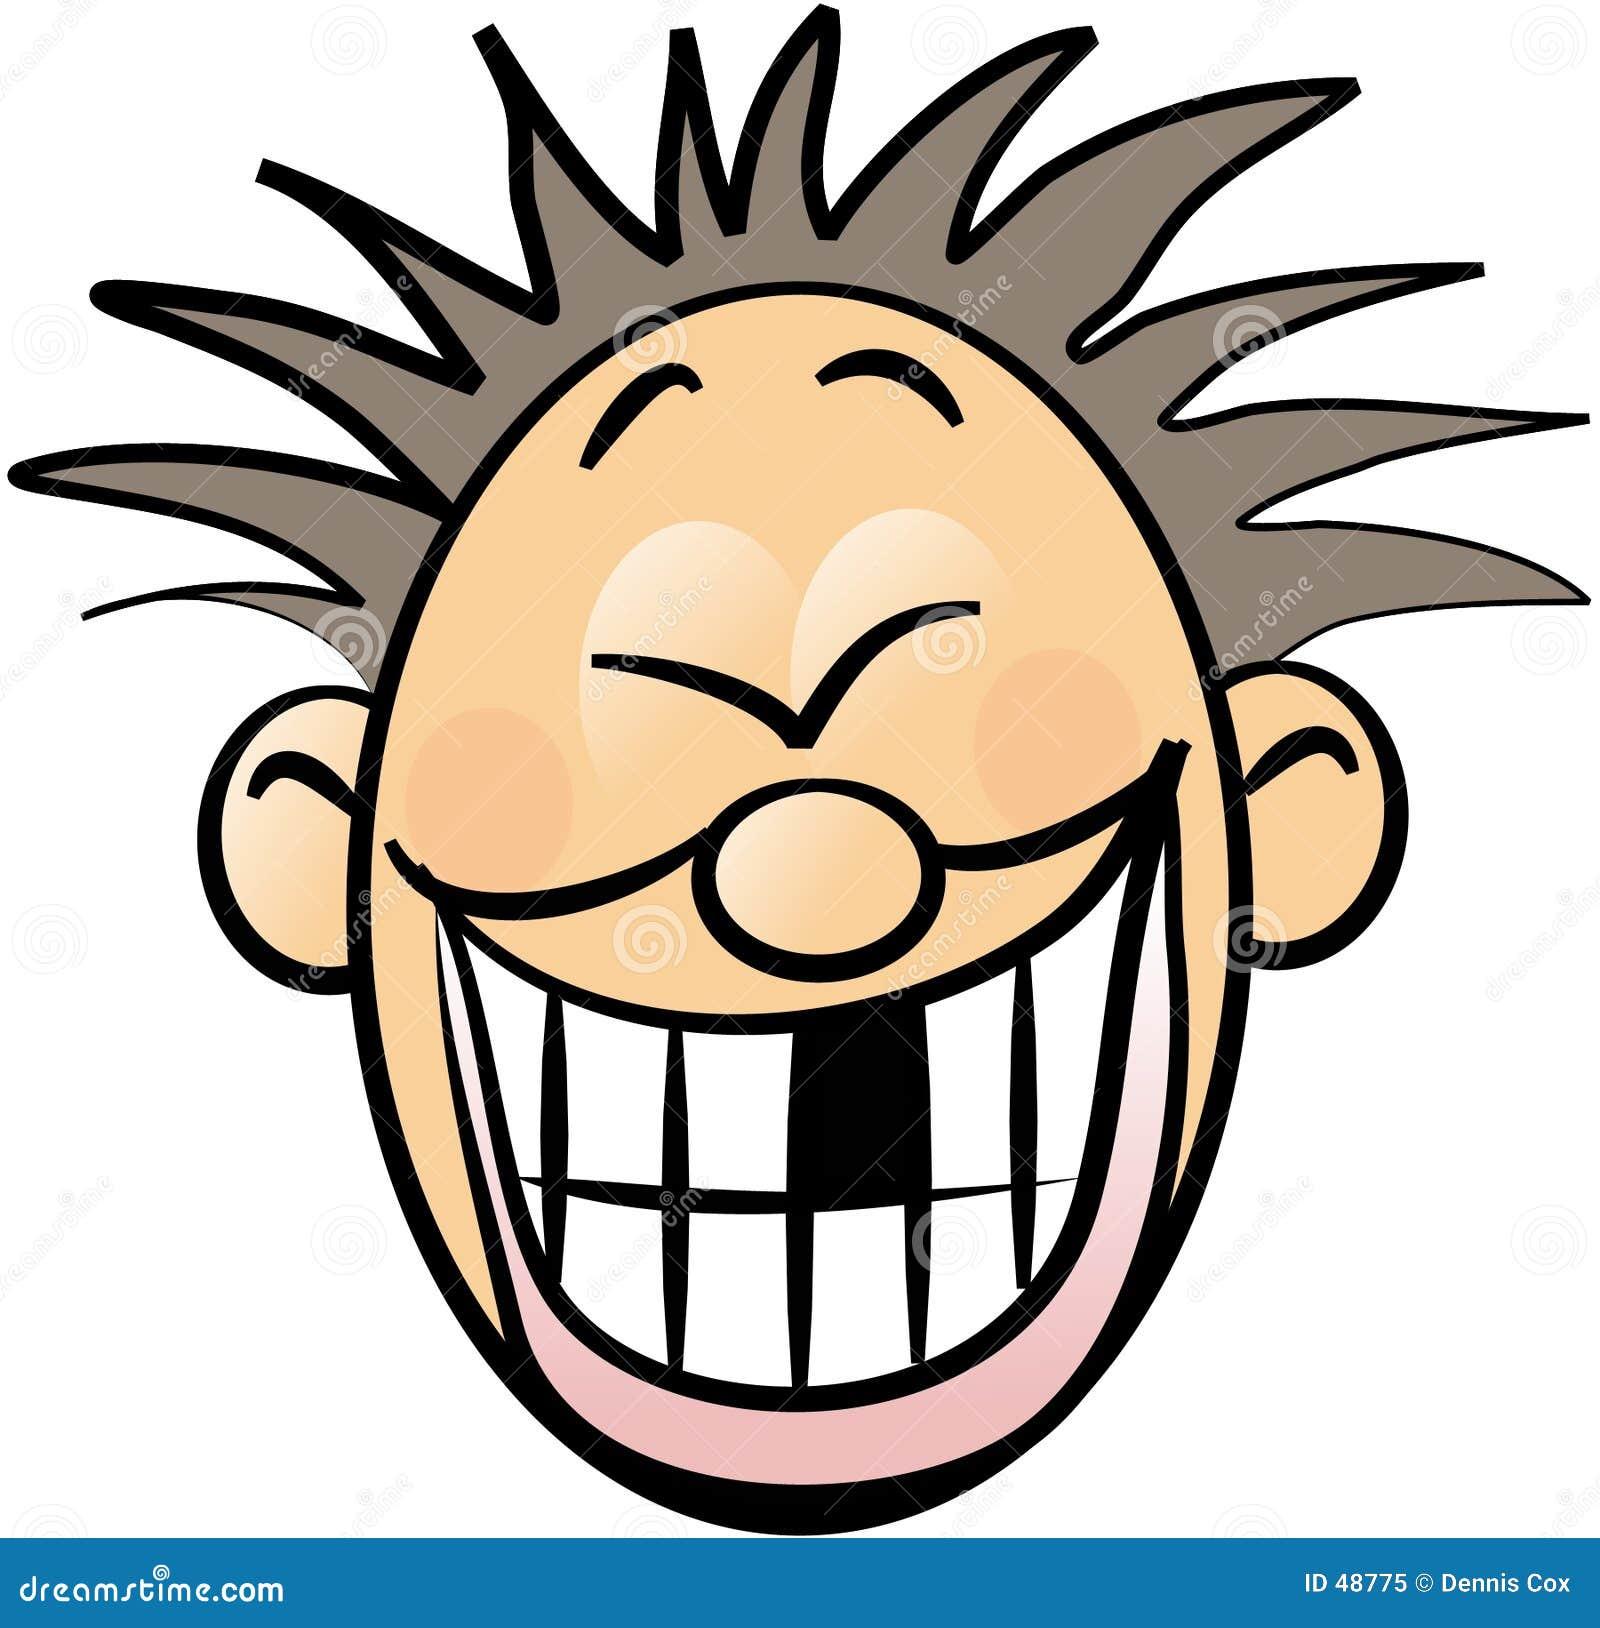 Visage Souriant Avec Une Dent Manquante Photo libre de droits - Image: 48775